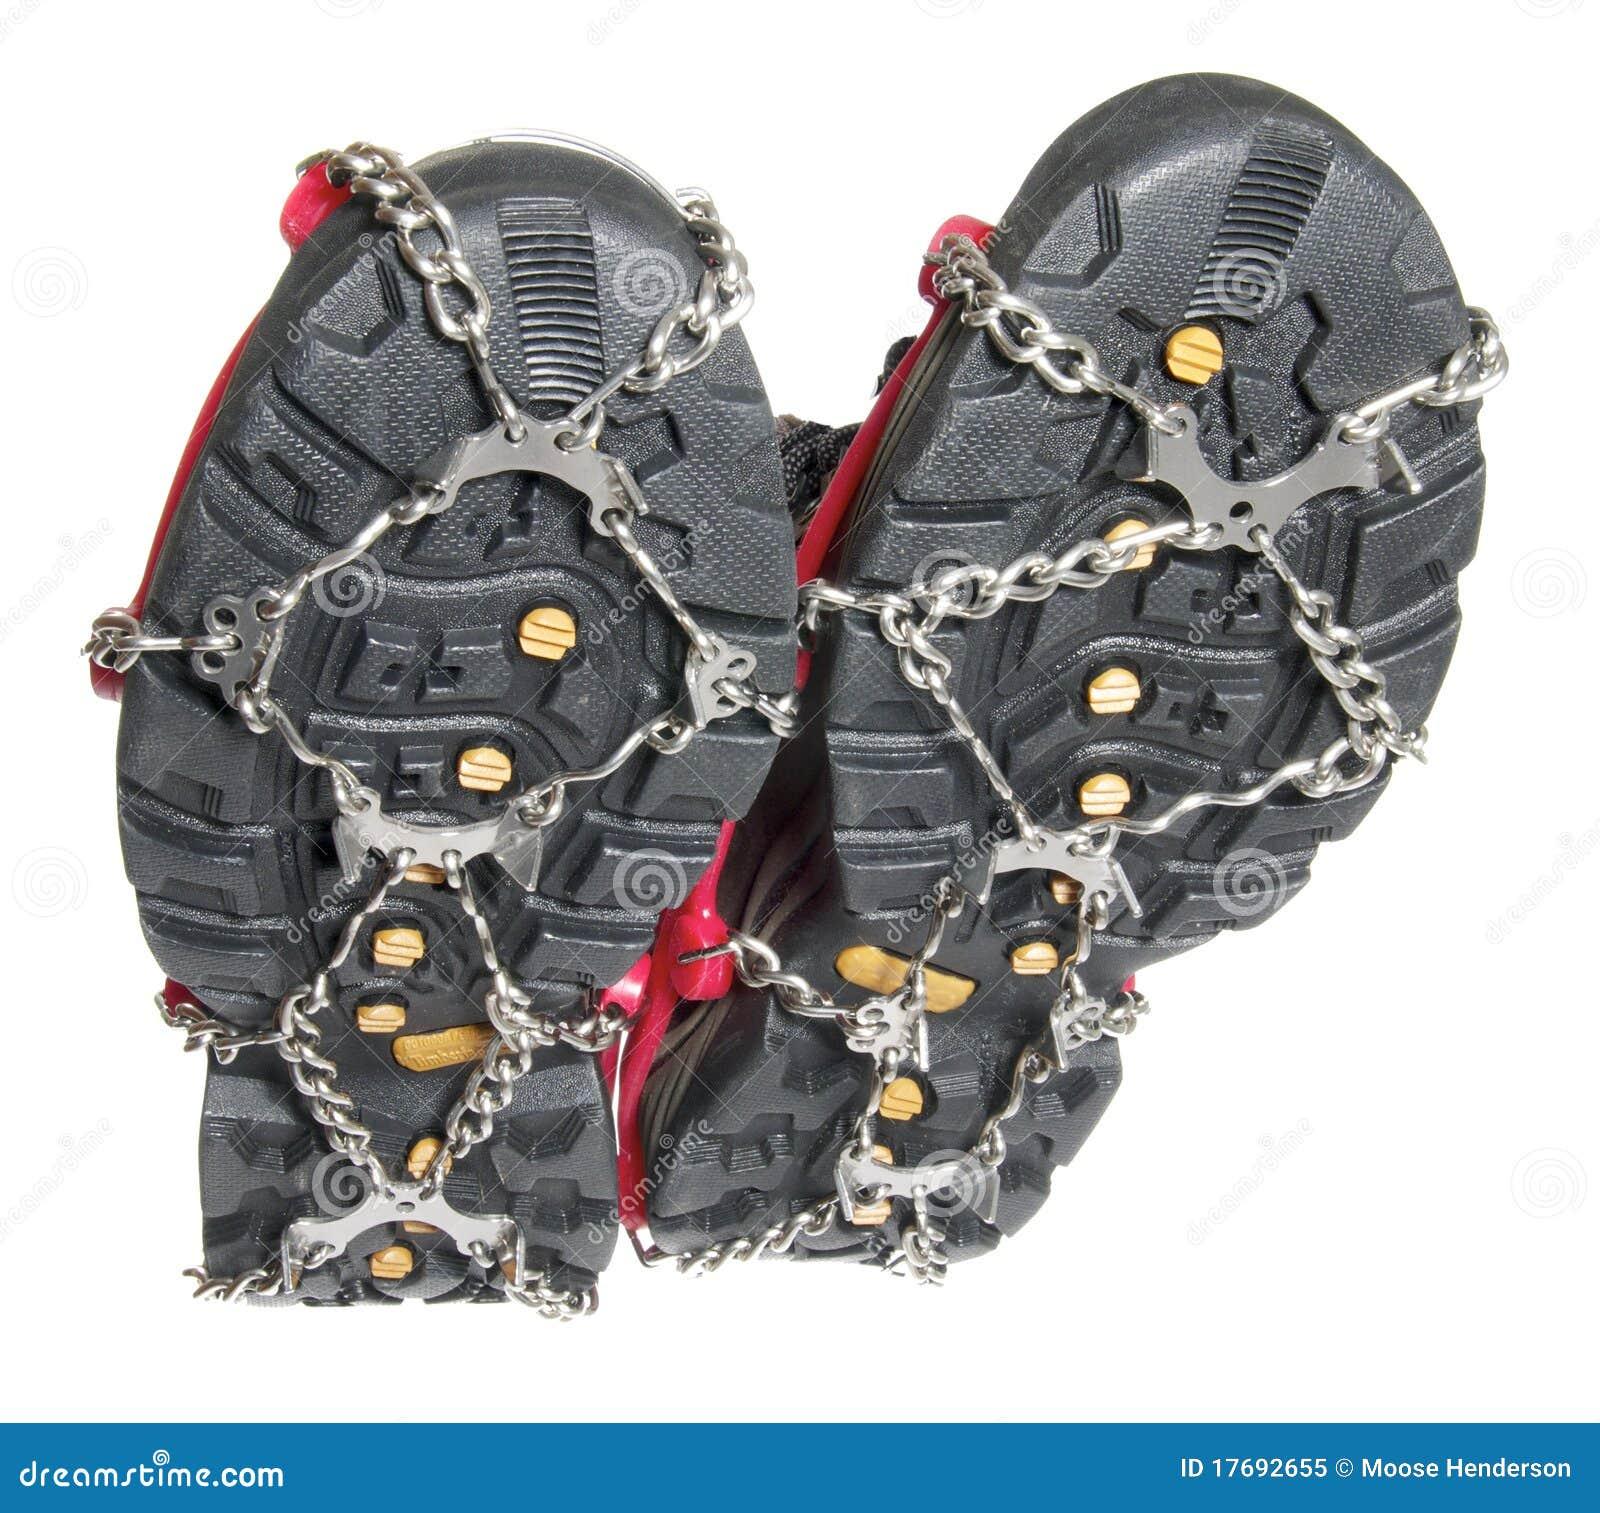 Alpenheat Shoe grips / spikes